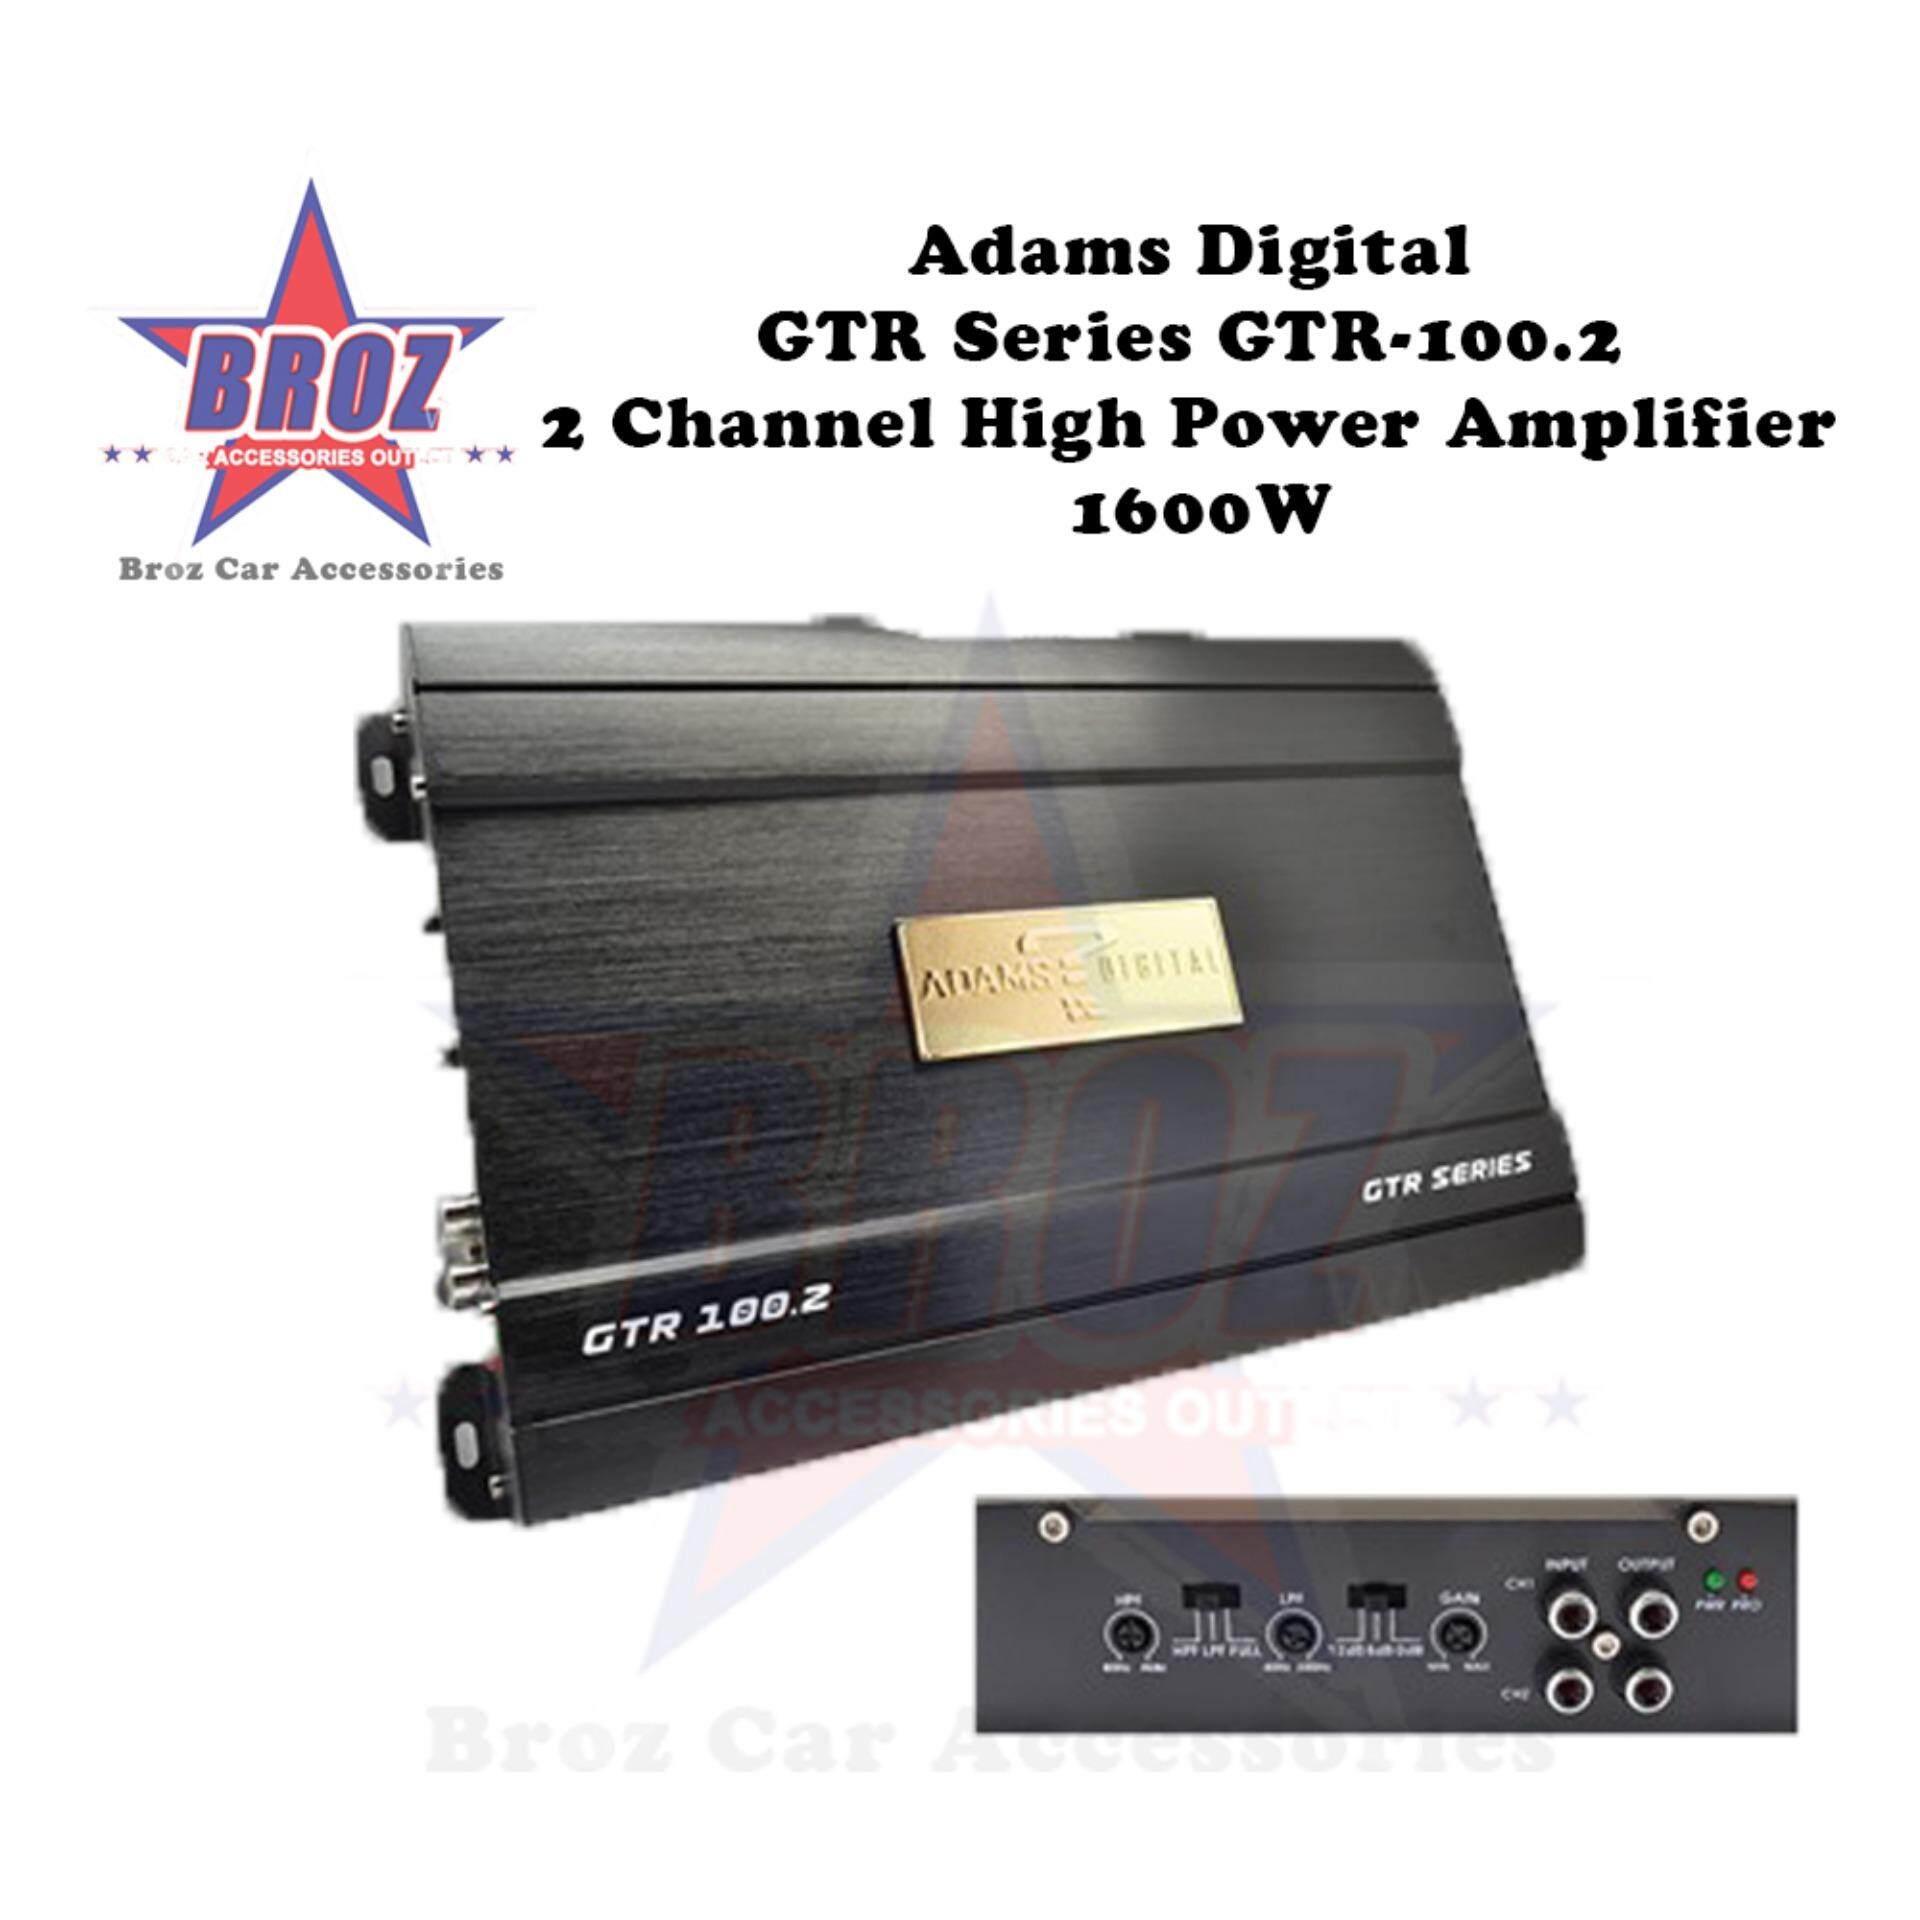 Adams Digital GTR Series GTR-100.2 2 Channel High Power Amplifier 1600W